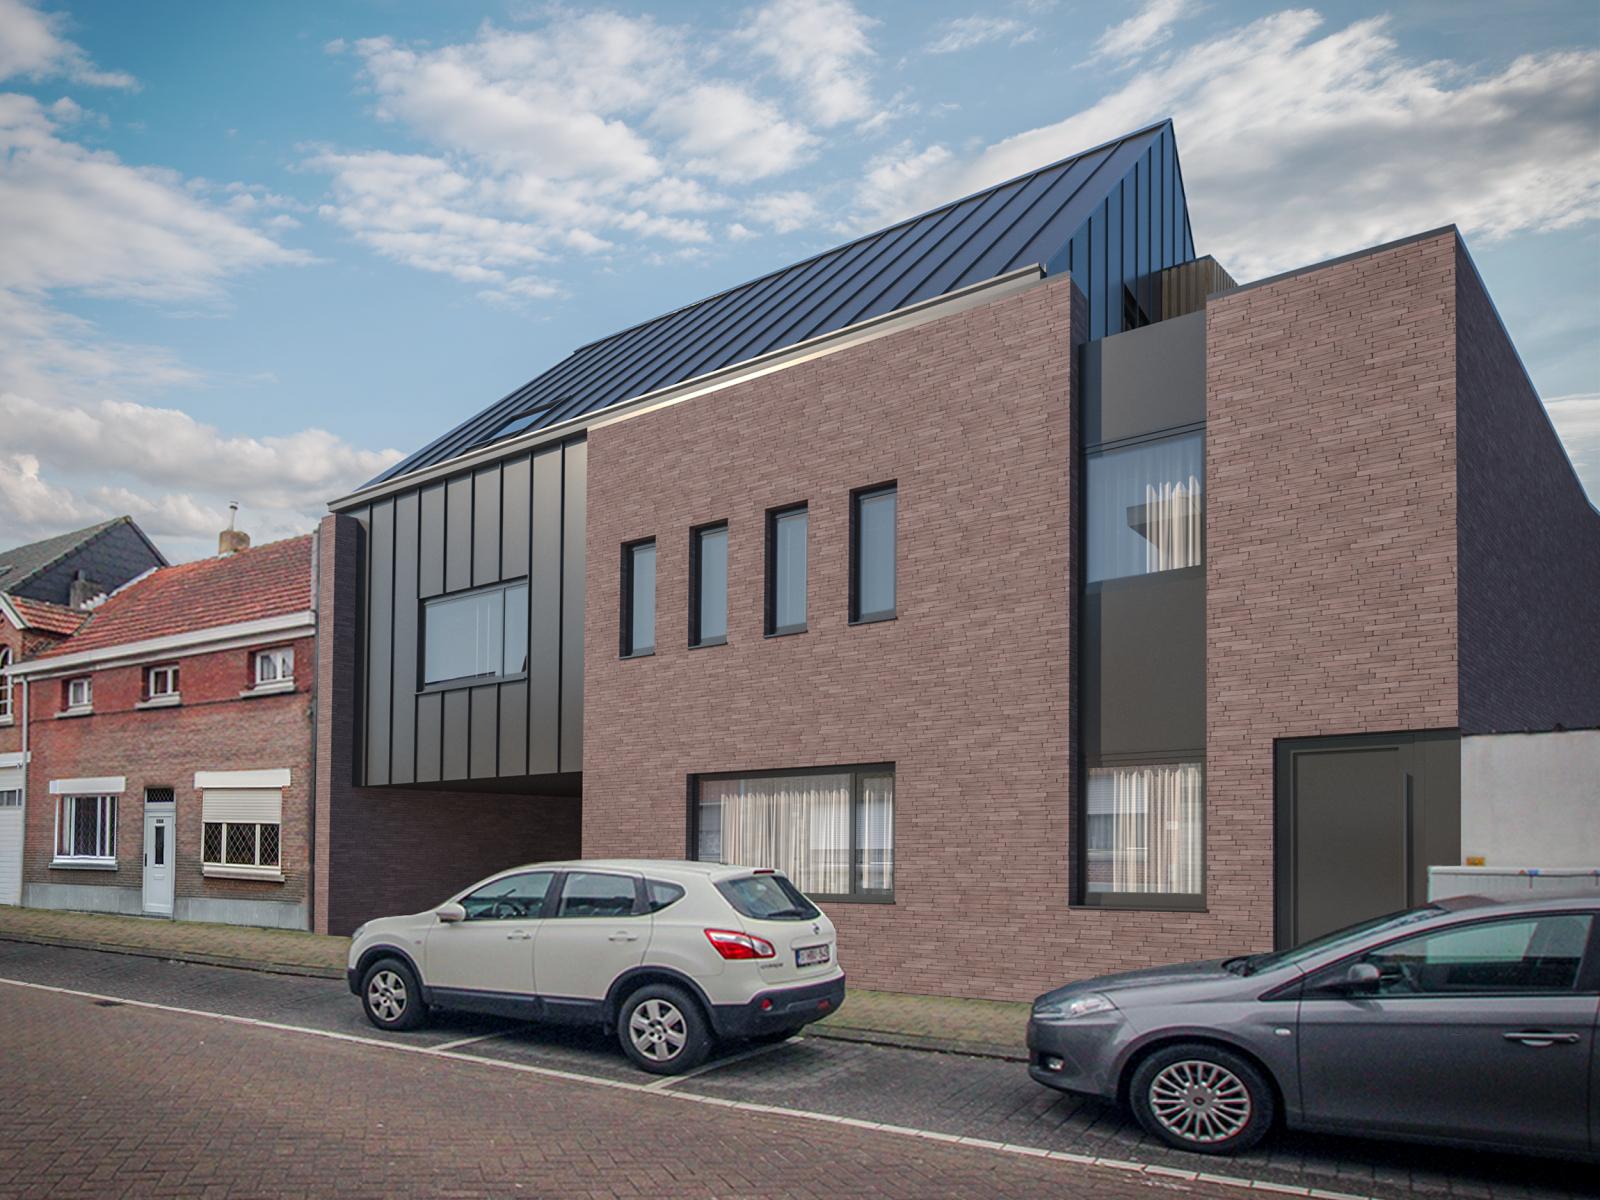 Prachtig gelijkvloers nieuwbouwappartement in kleinschalig gebouw. afbeelding 1